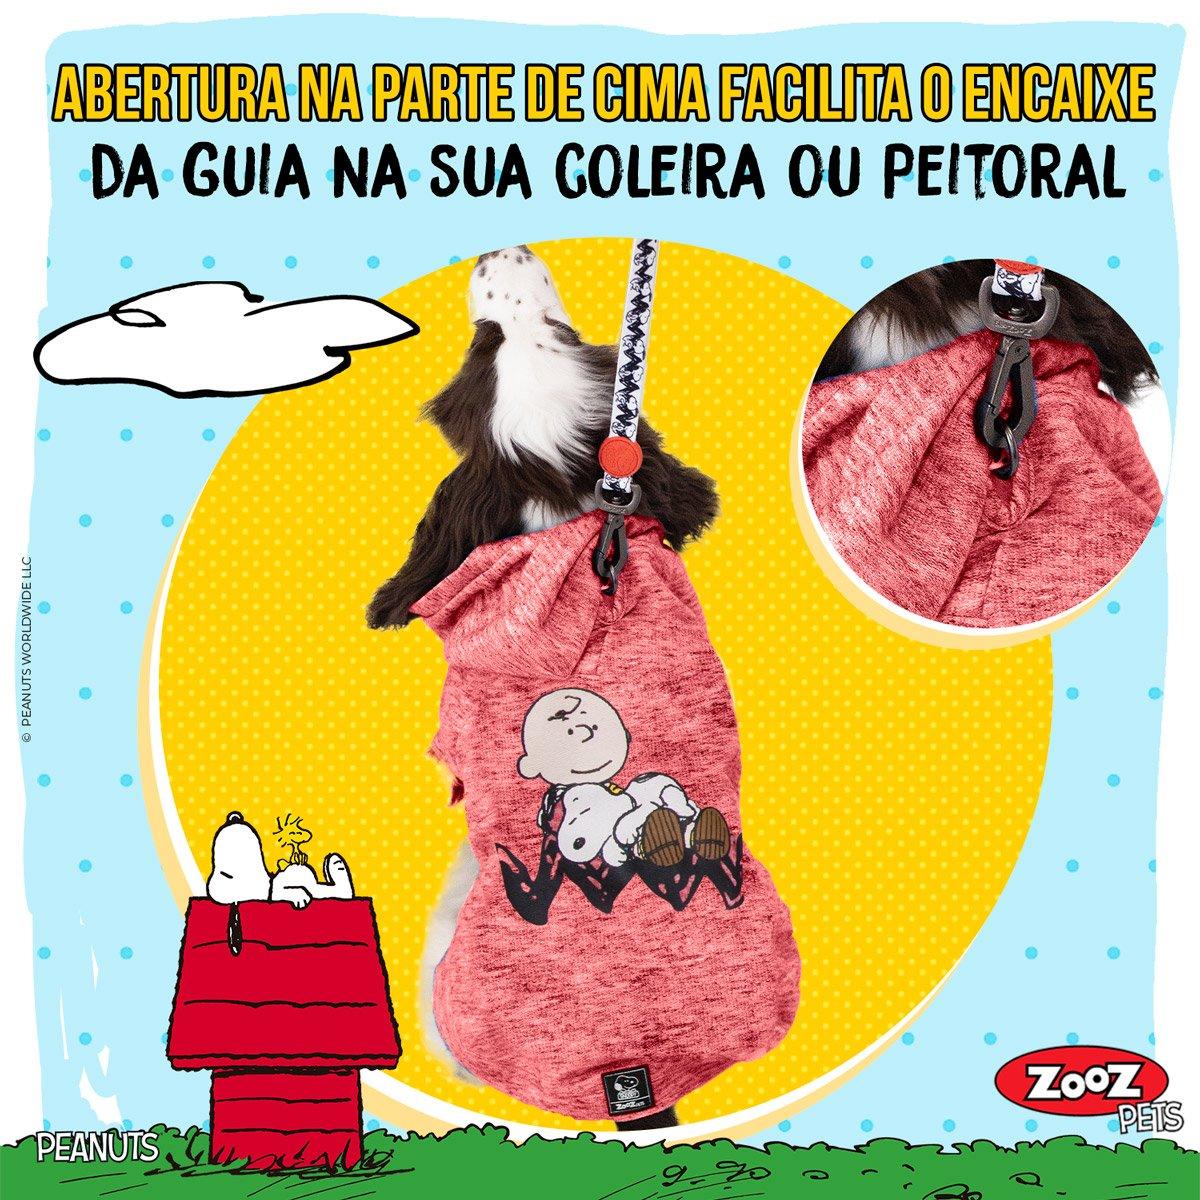 Roupinha Moletom para cães modelo Sleeping Snoopy Charlie Brown com Capuz Zooz Pets Vermelho